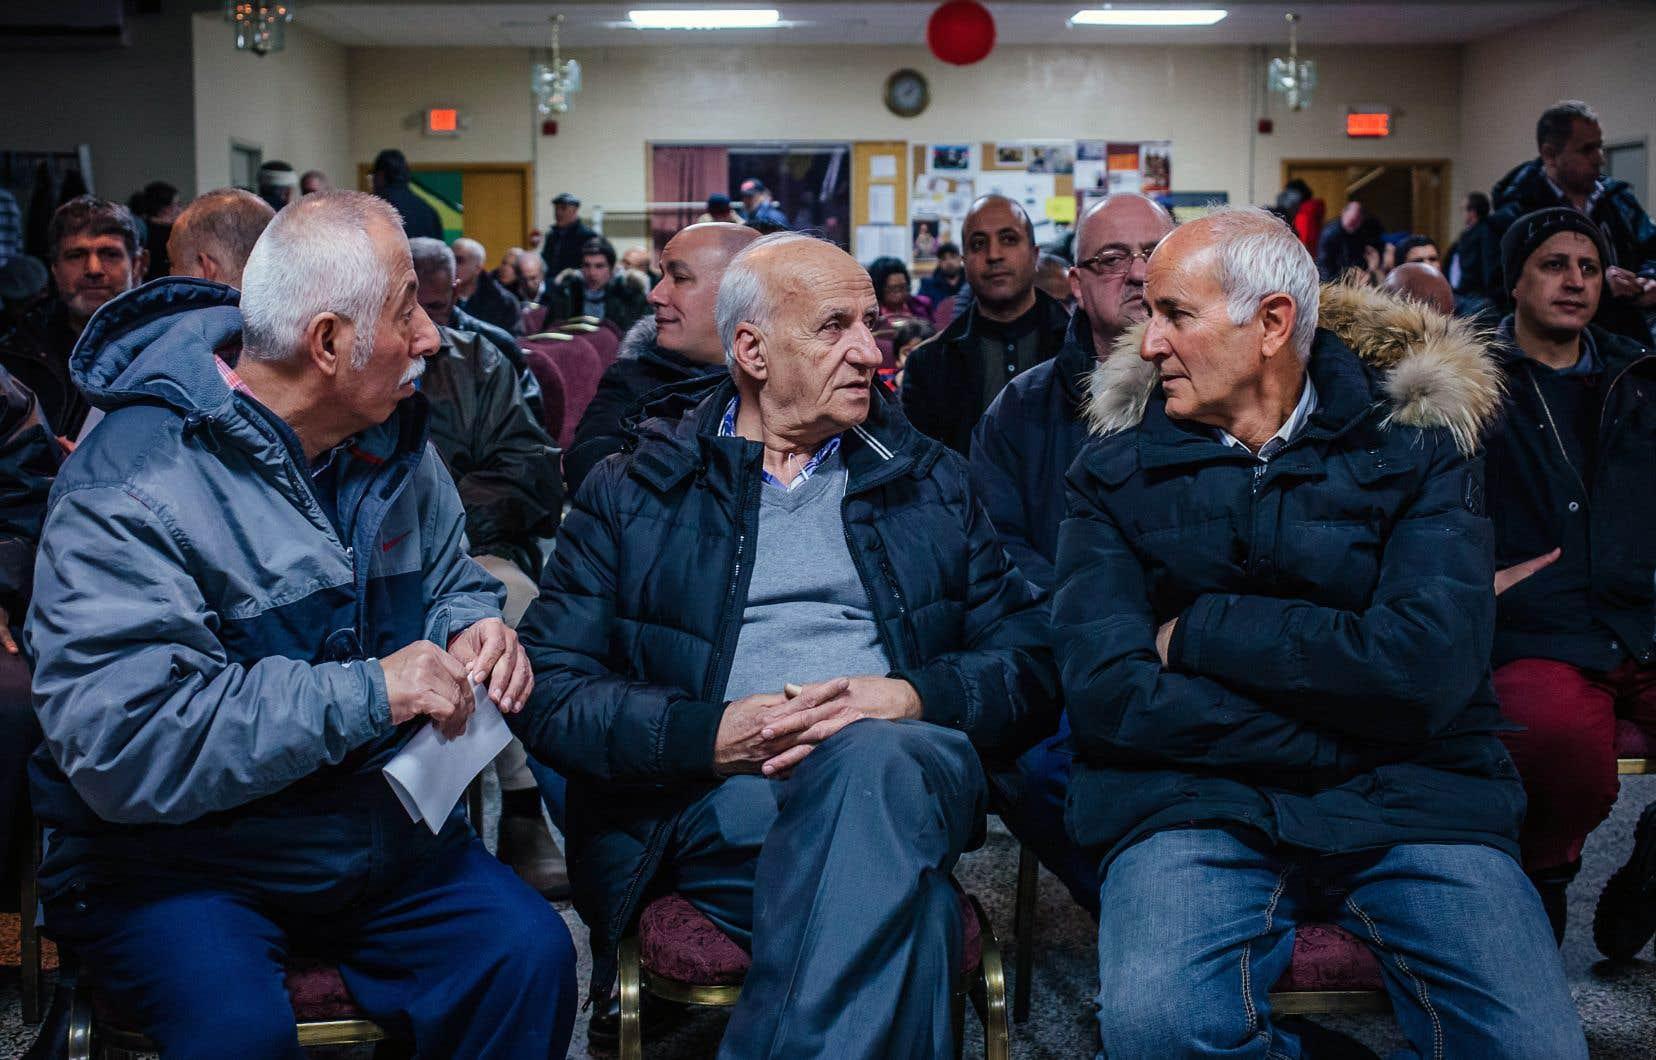 Des membres du Regroupement des propriétaires de taxi de Montréal, de l'Association haïtienne des travailleurs du taxi et du Regroupement des travailleurs autonomes Métallos ont décidé de réunir leurs forces.